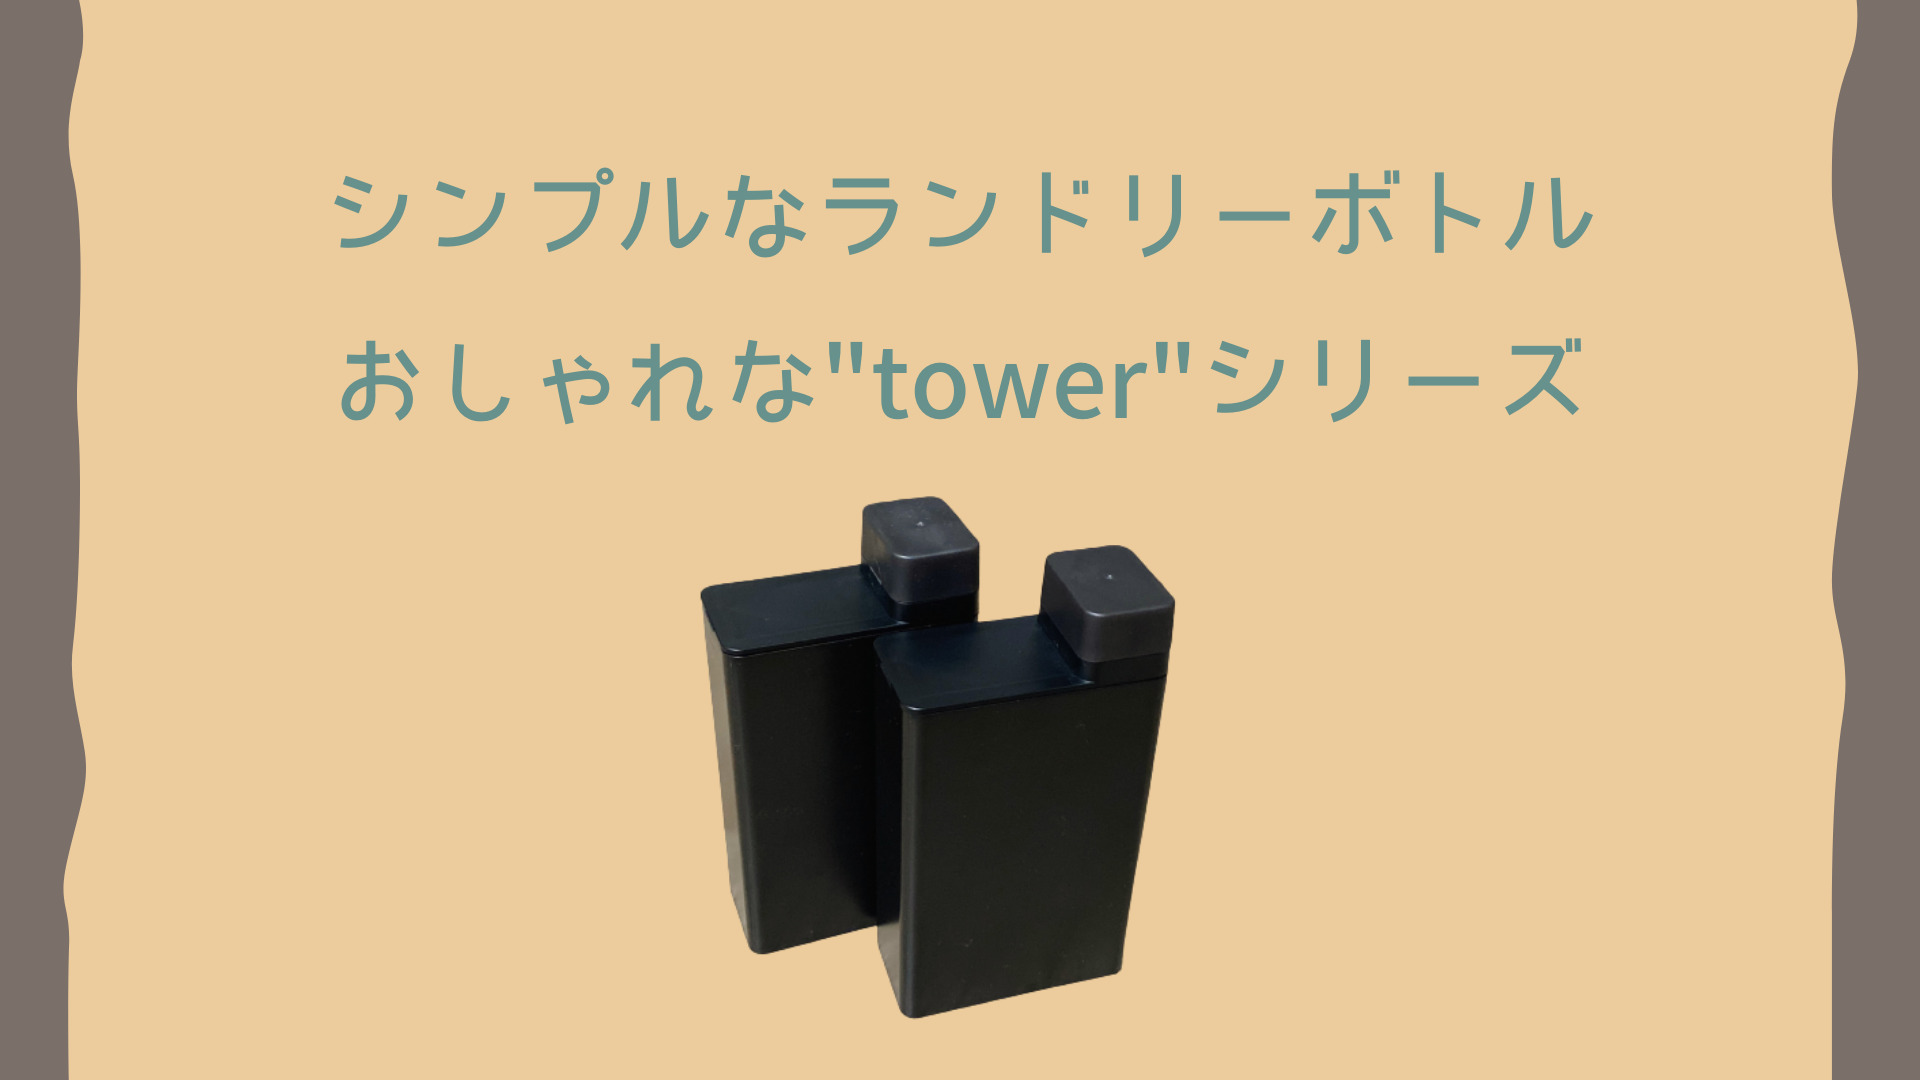 シンプルモノトーン【tower(タワー)】のランドリーボトルがスタイリッシュで可愛い